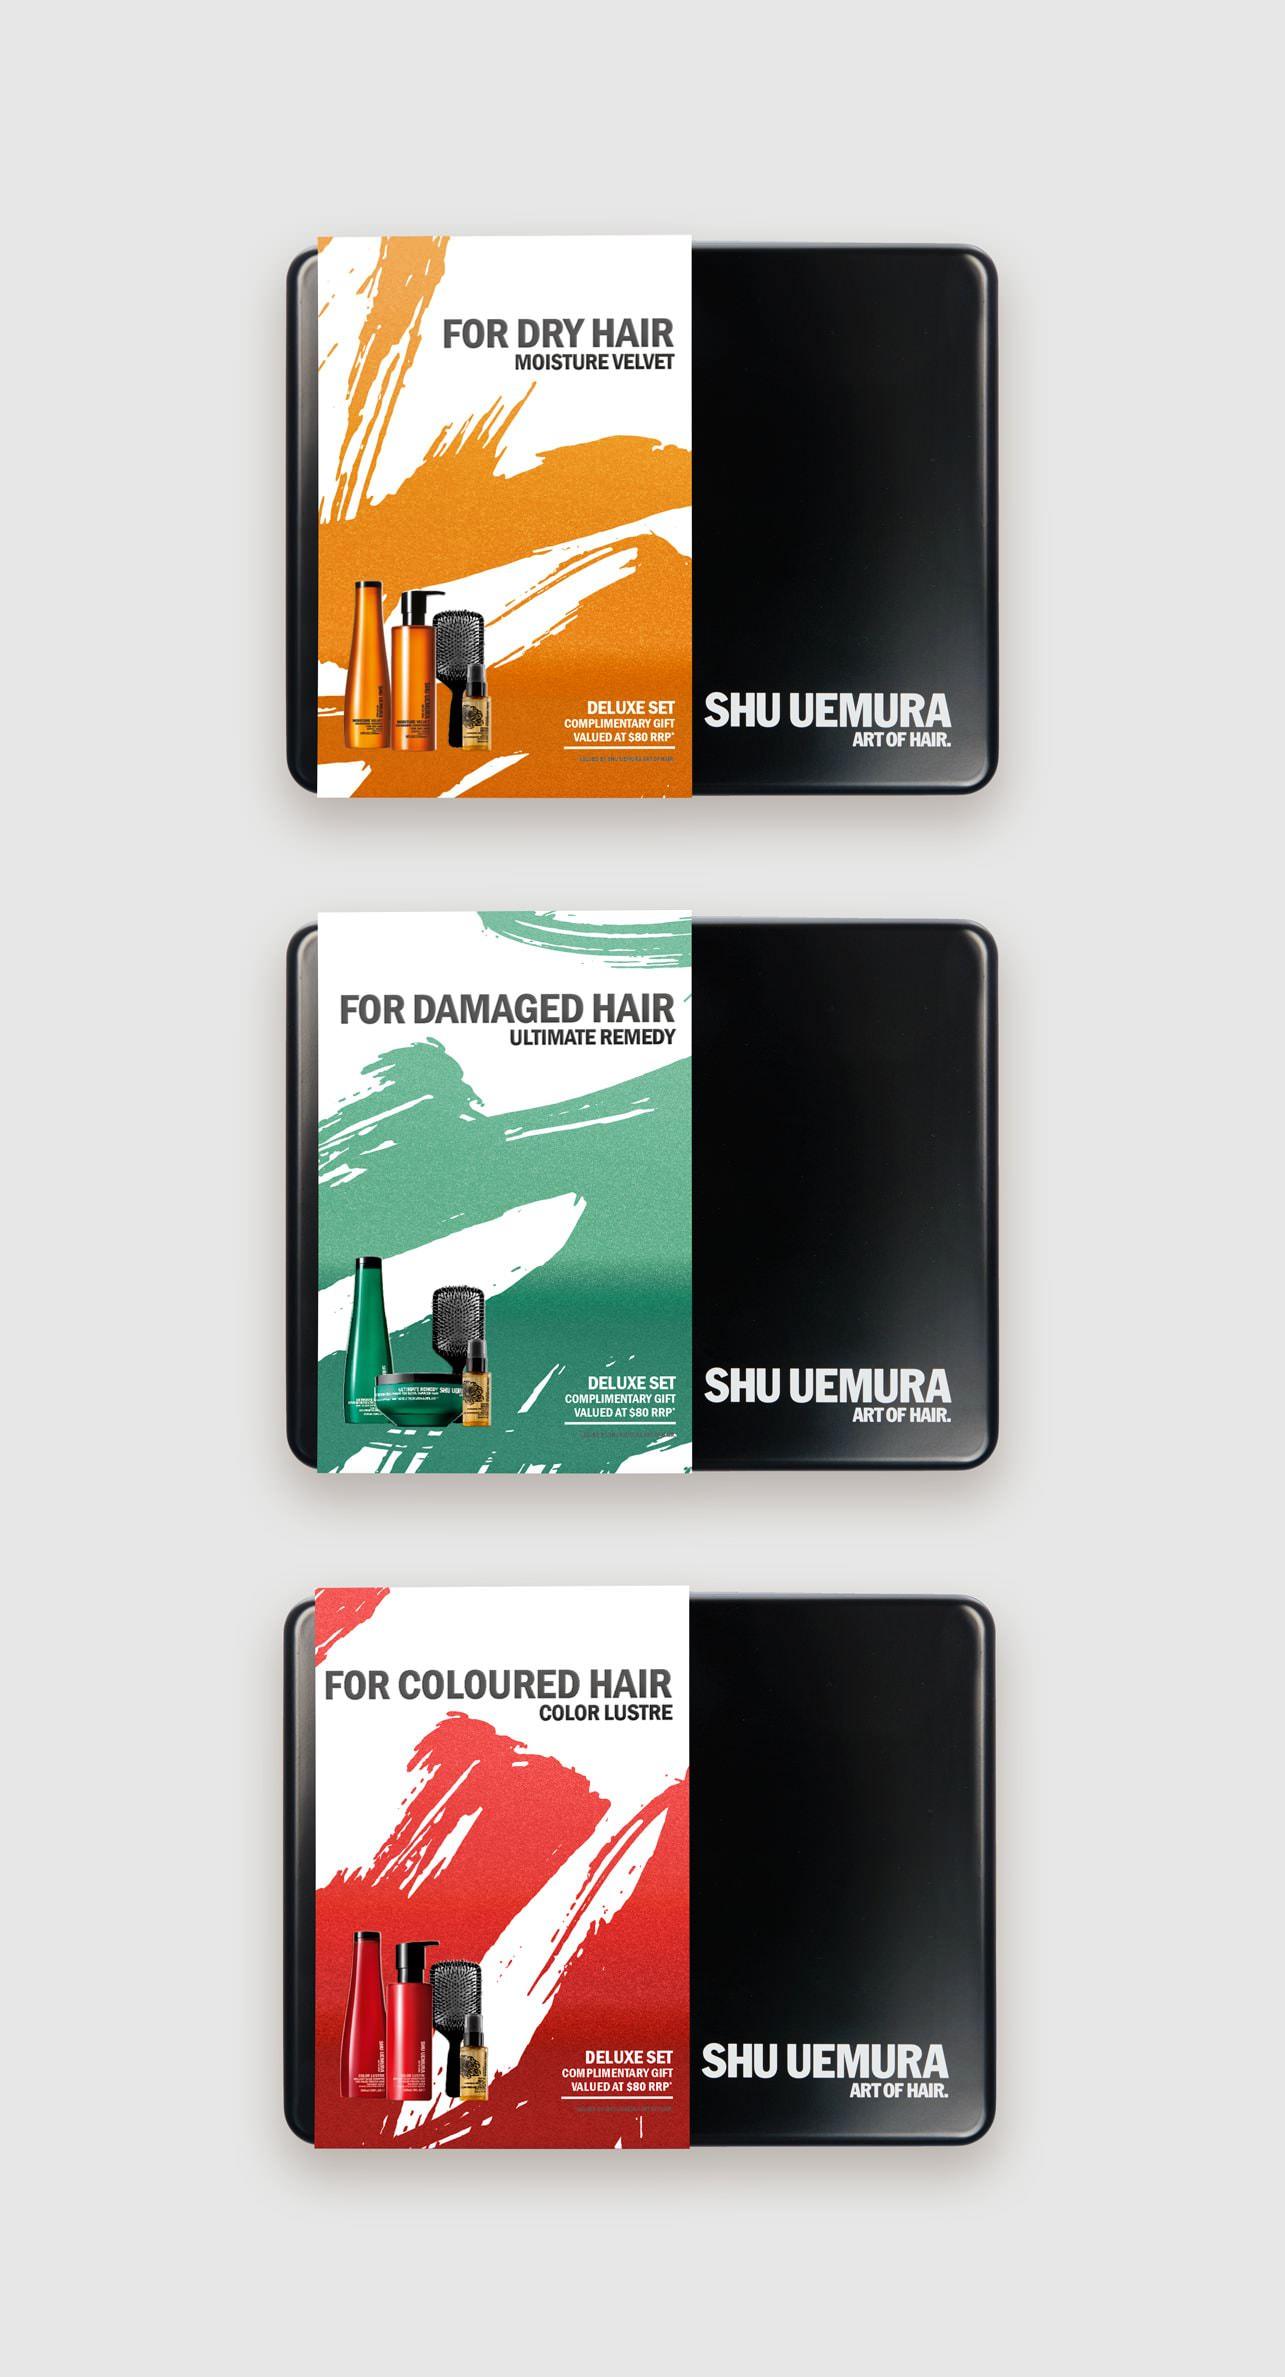 DJWFolio-Packaging_2015_ShuAOH_4